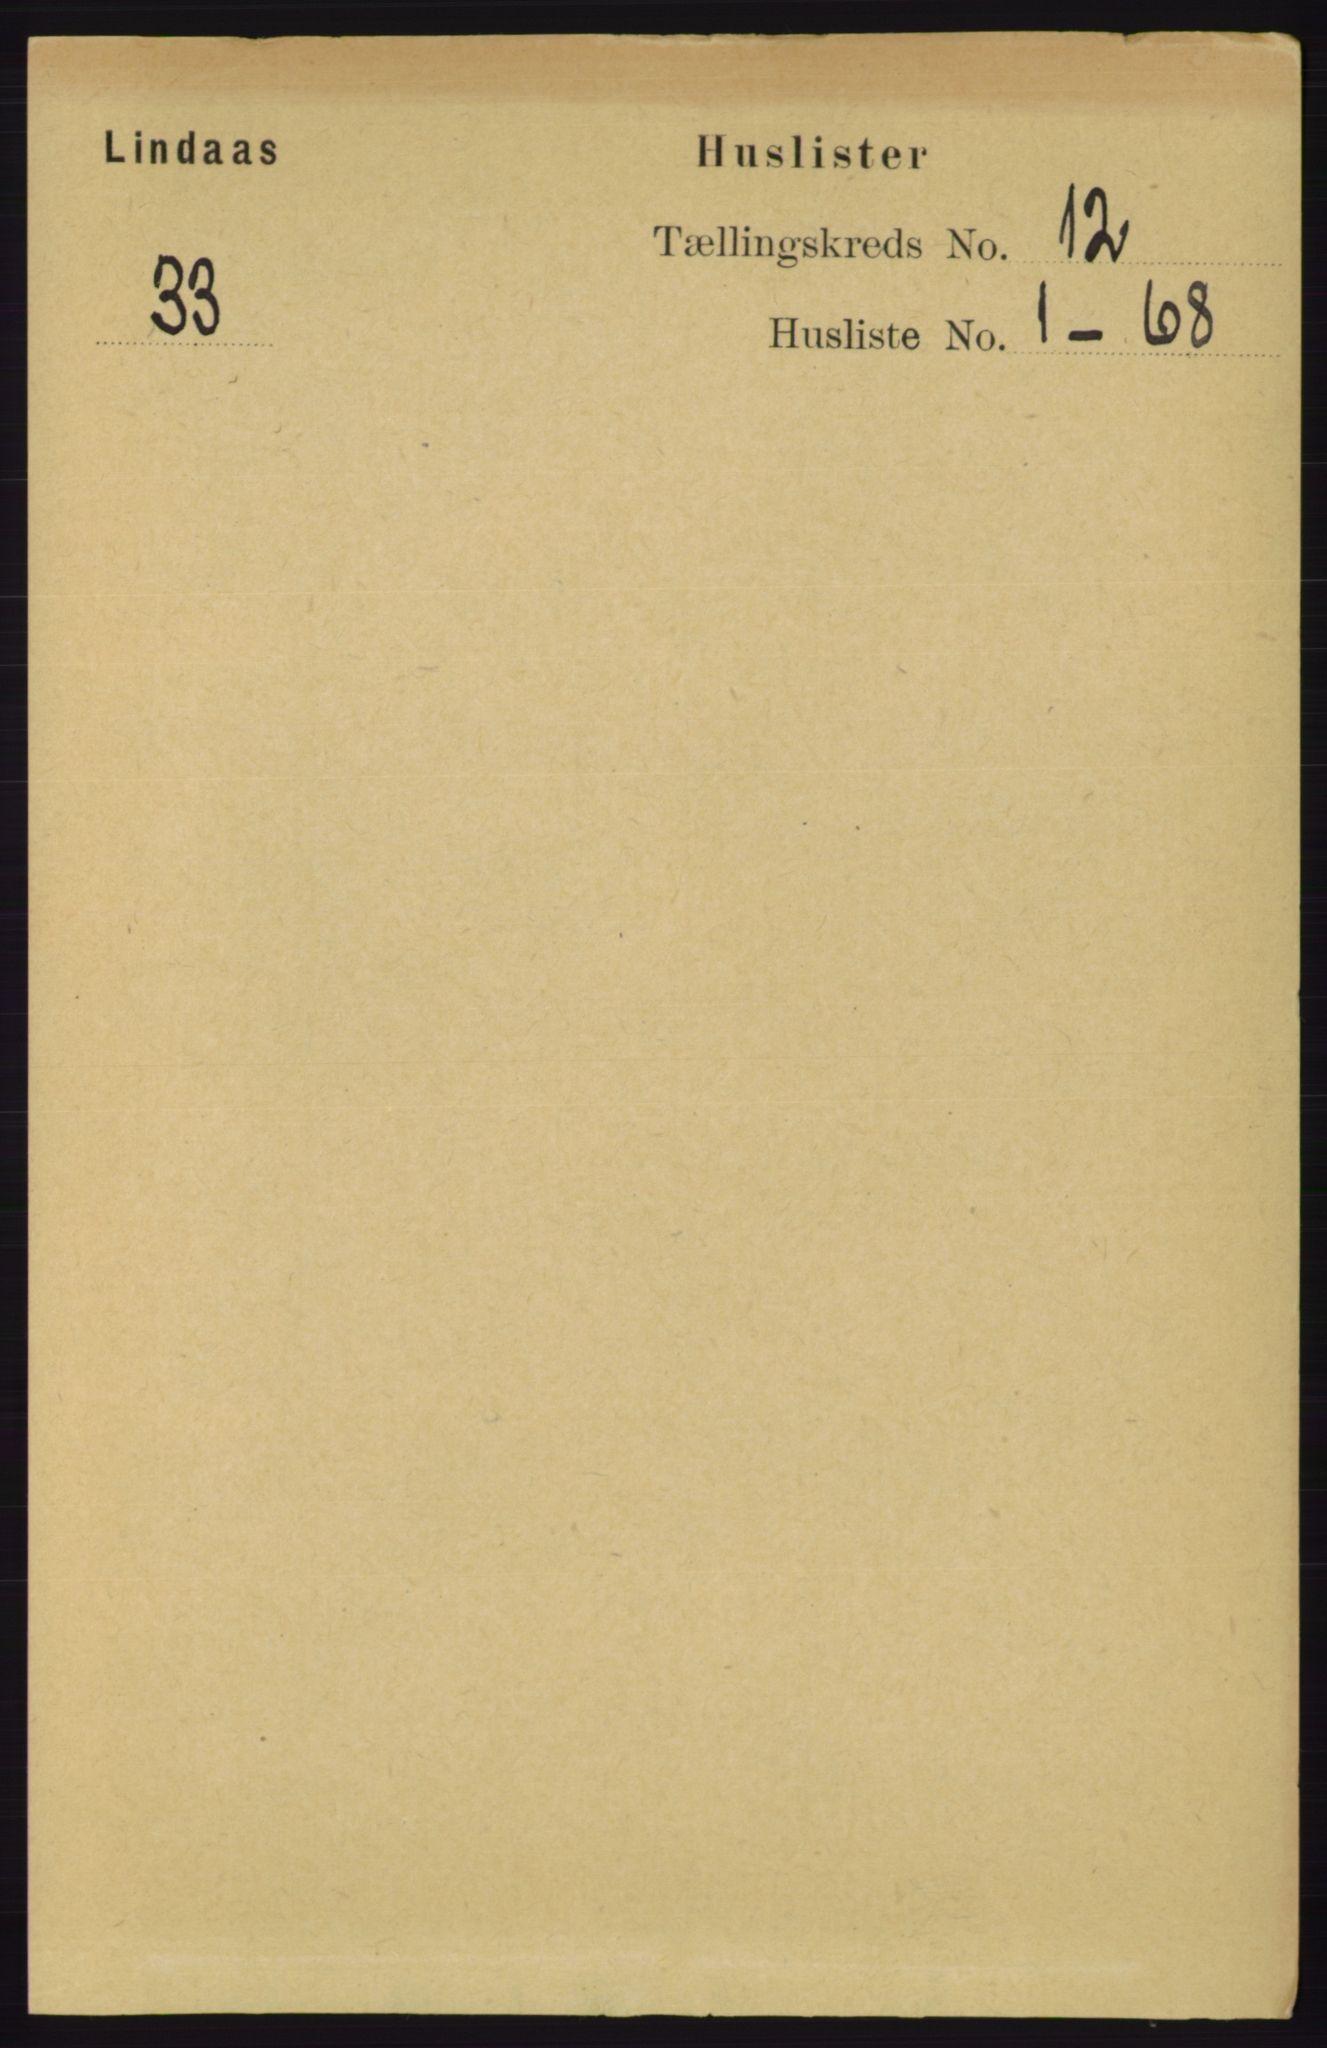 RA, Folketelling 1891 for 1263 Lindås herred, 1891, s. 3966